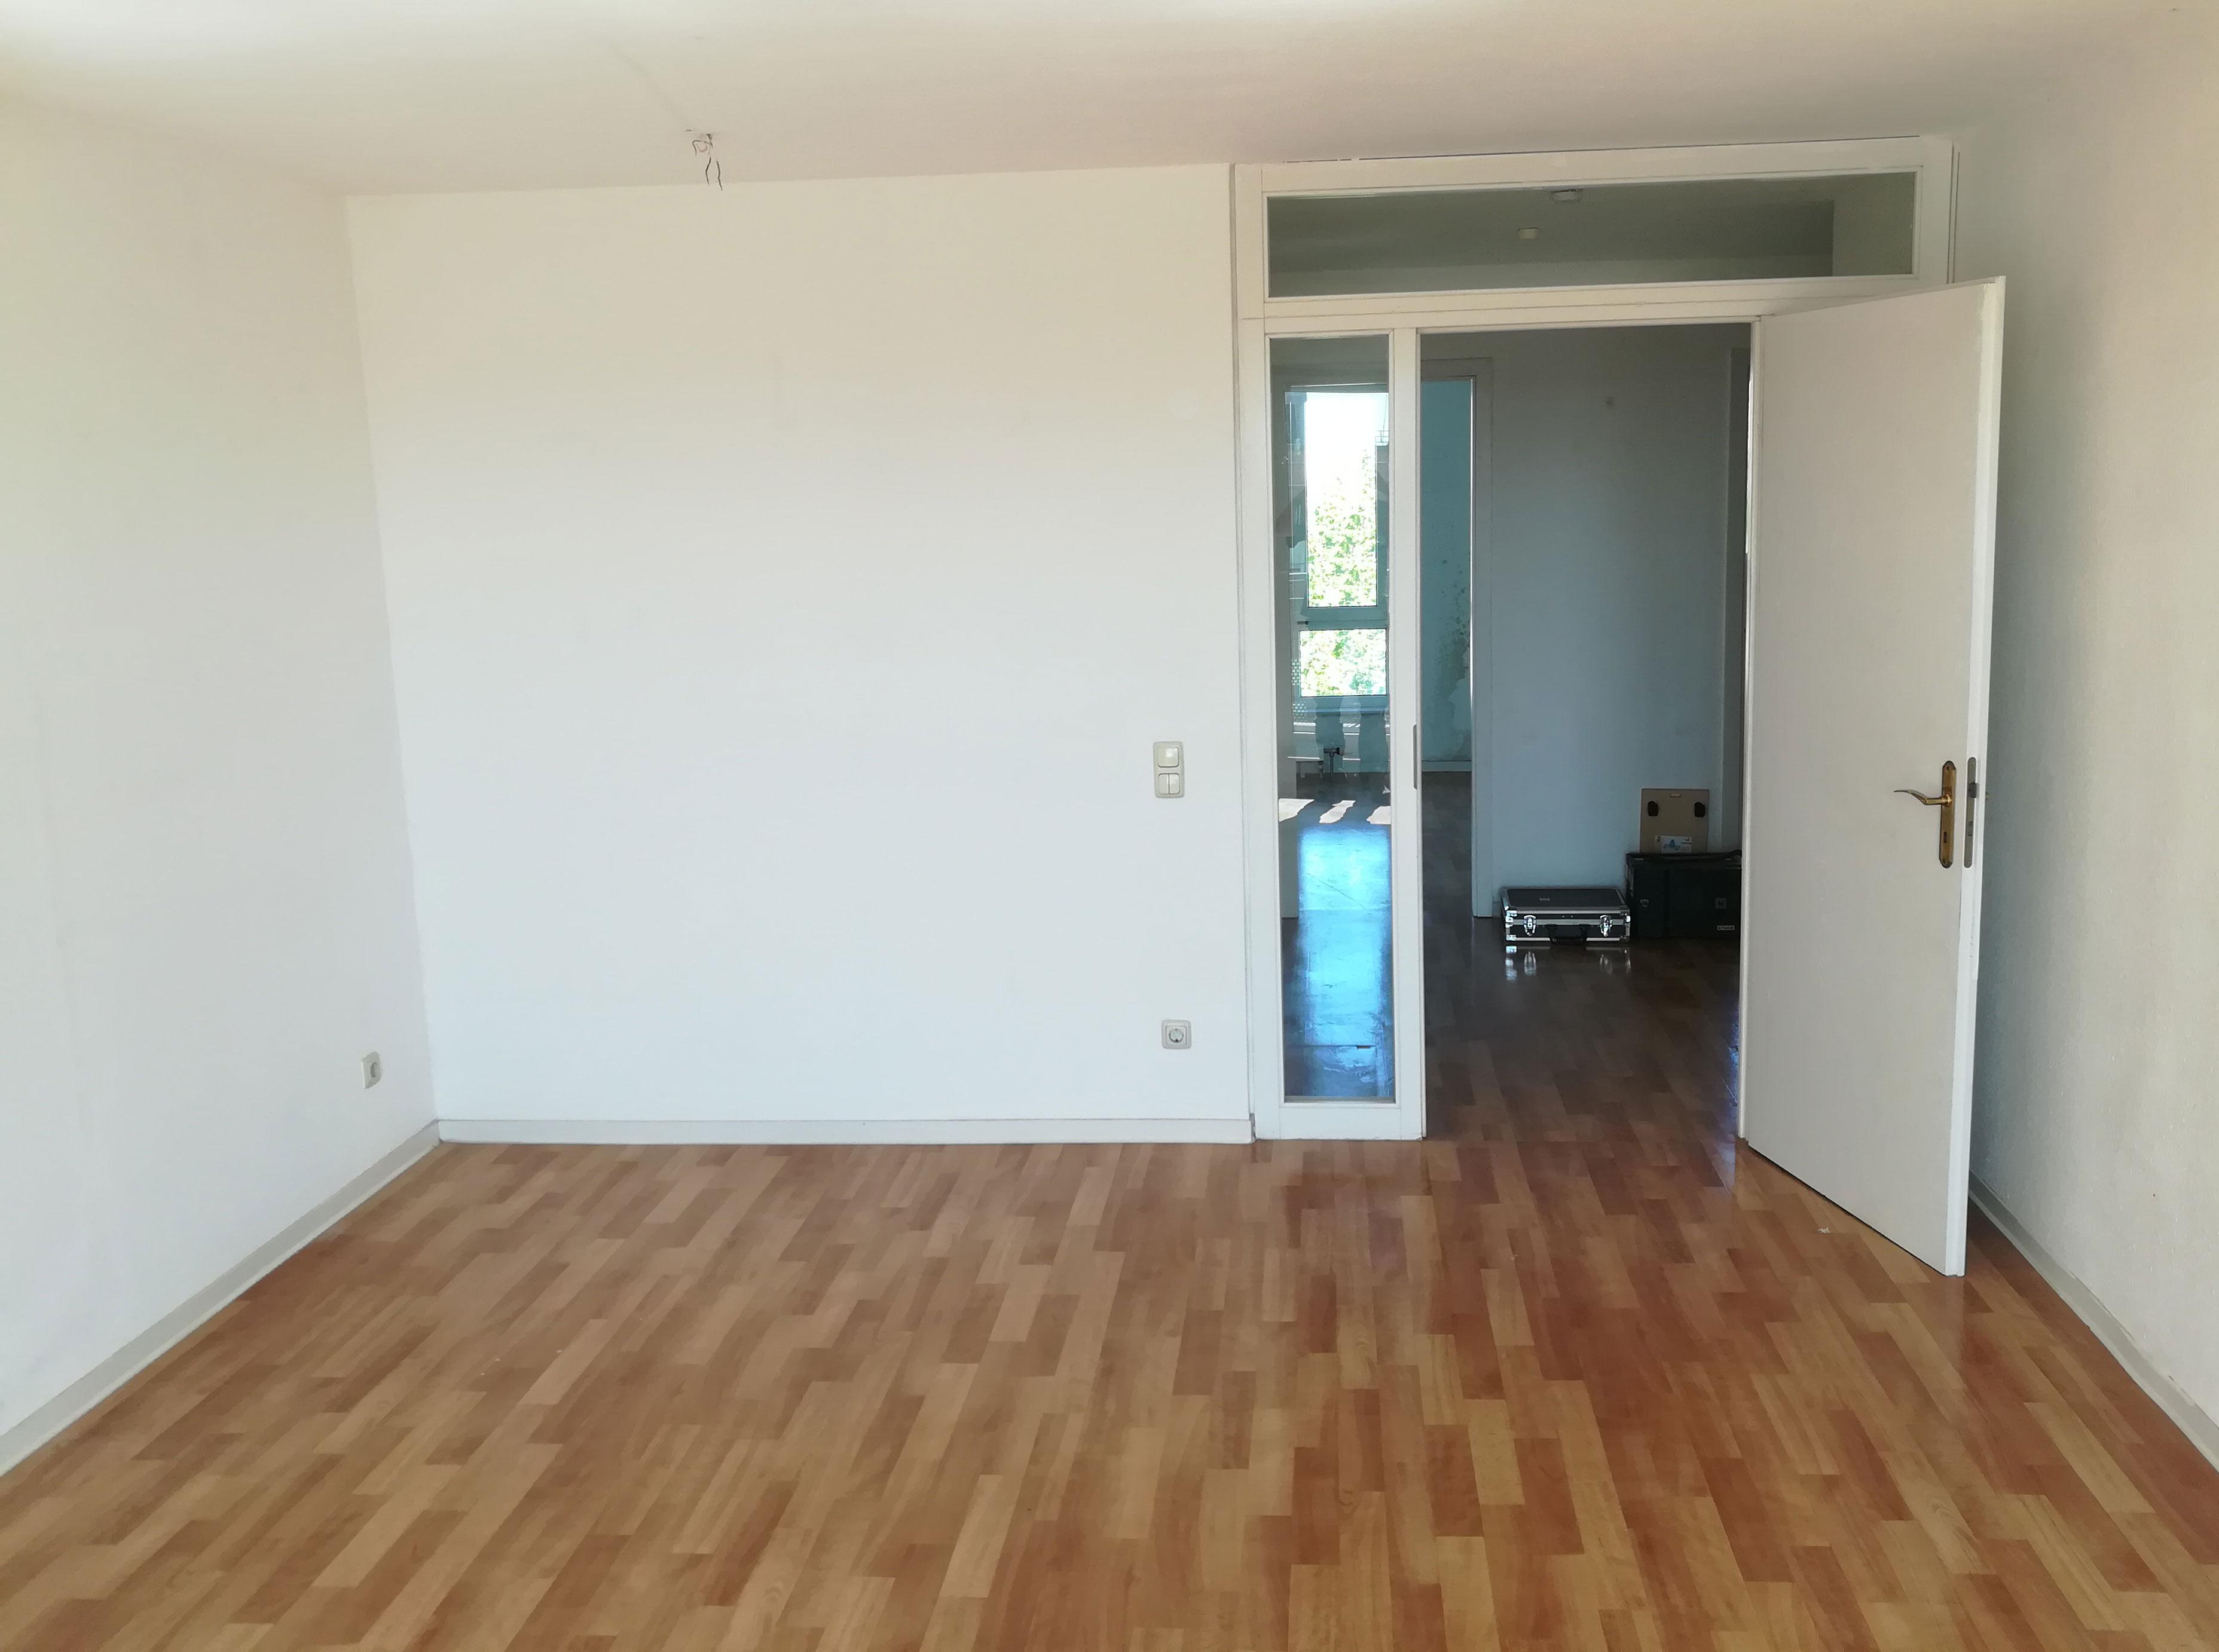 Wohnzimmer nachher Haushaltsauflösung Rostock